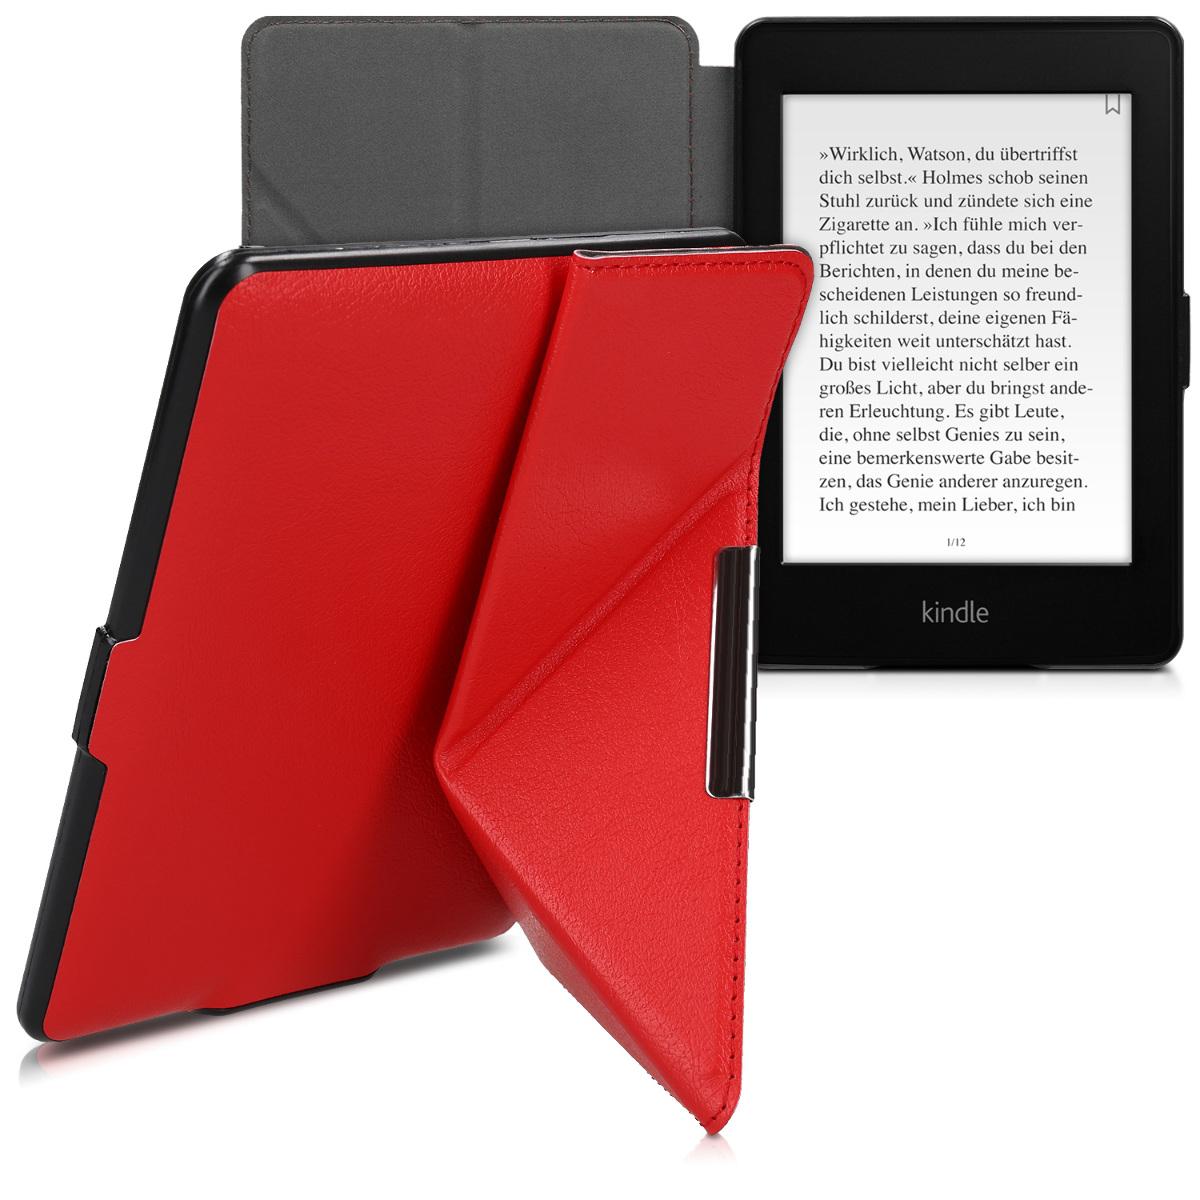 Funda con soporte estilo origami para Amazon Kindle ... - photo#10